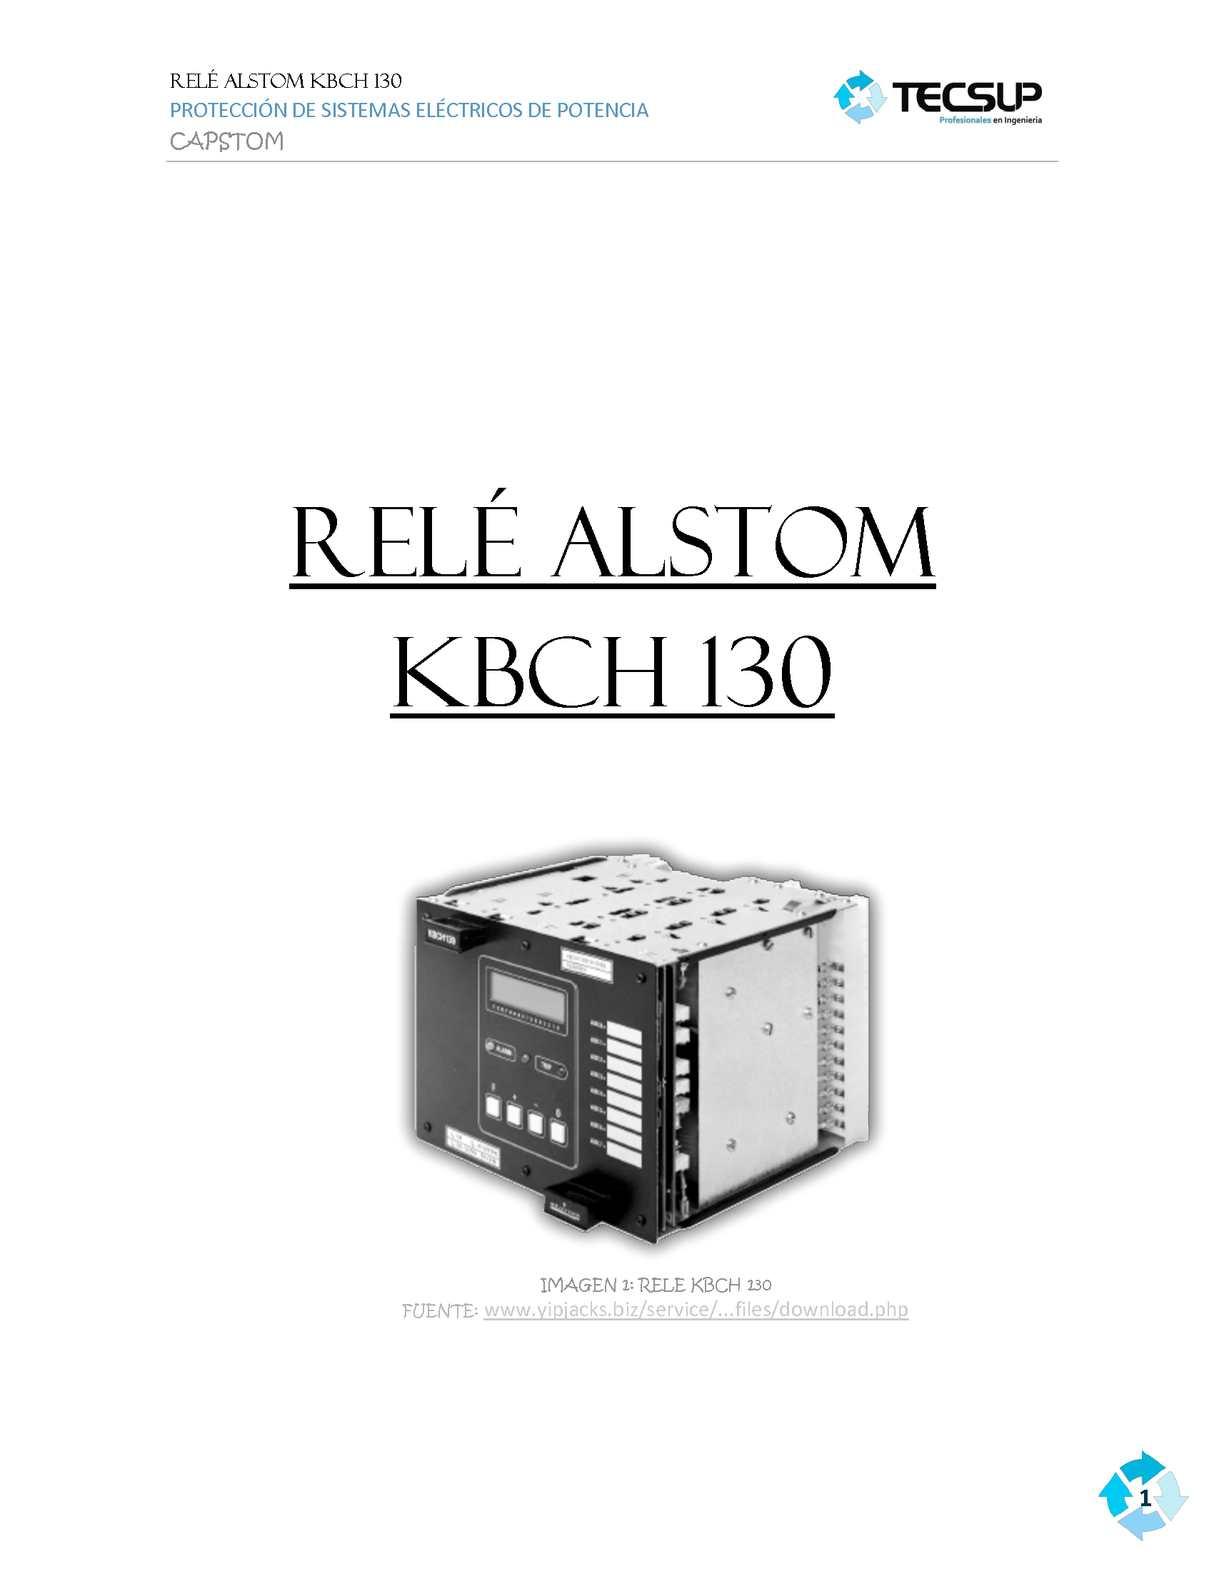 rele kbch 130/ primer avance